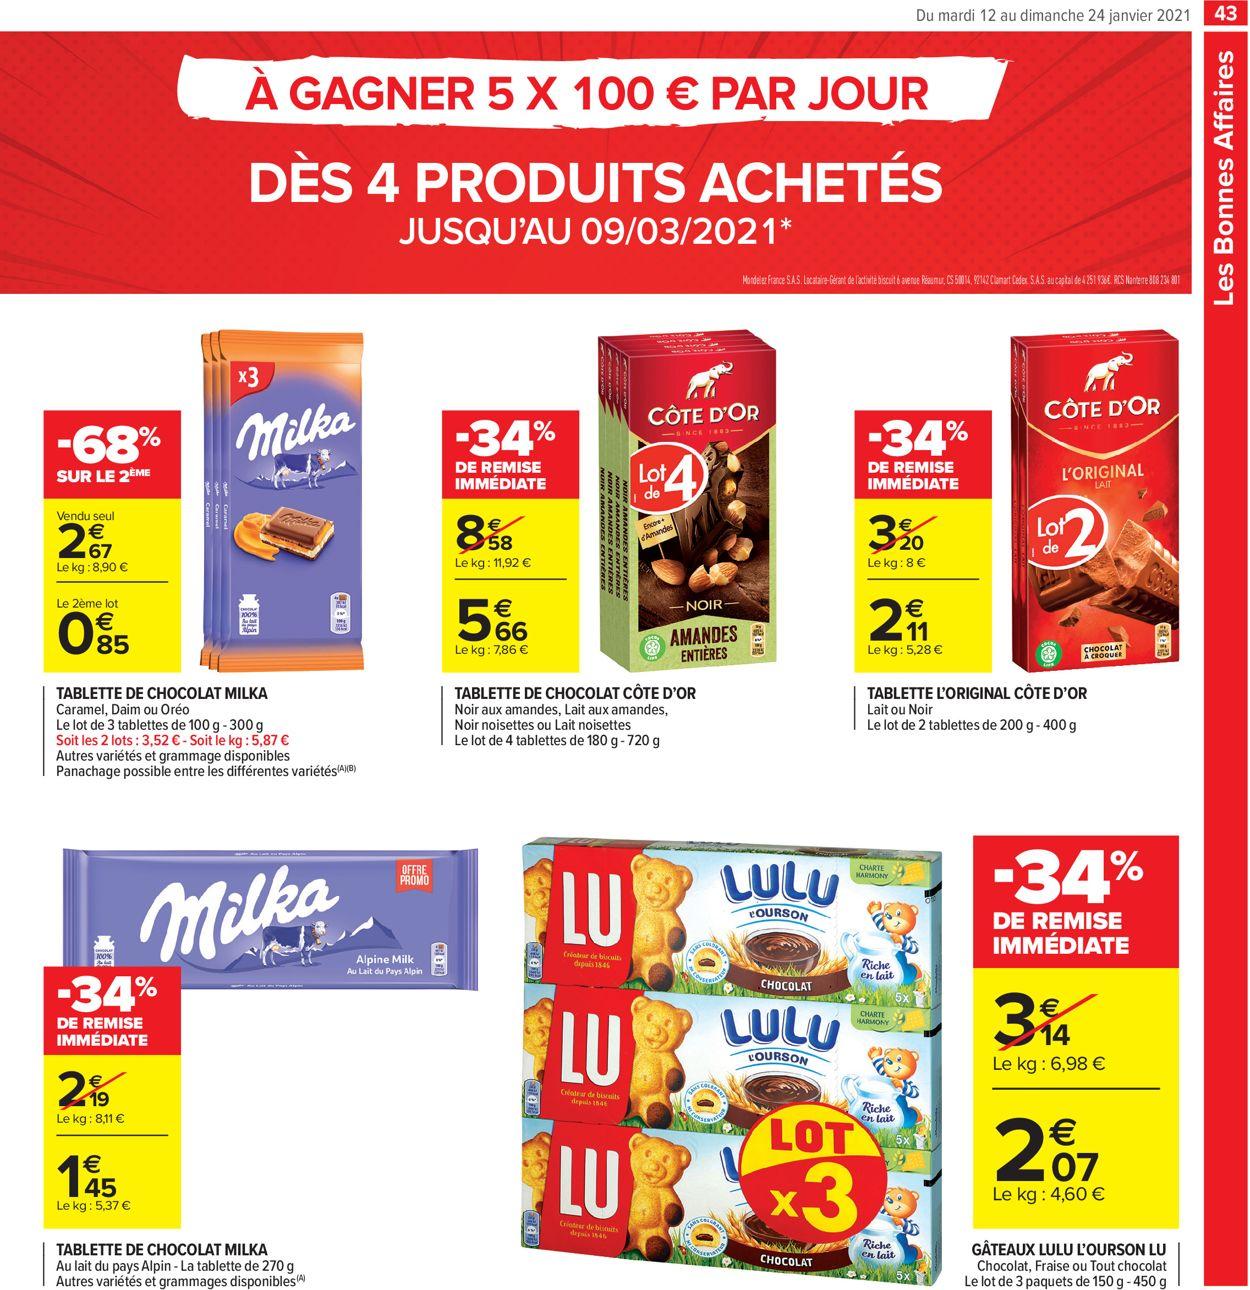 Carrefour Résolument Engagés Pour Votre Budget 2021 Catalogue - 12.01-24.01.2021 (Page 43)